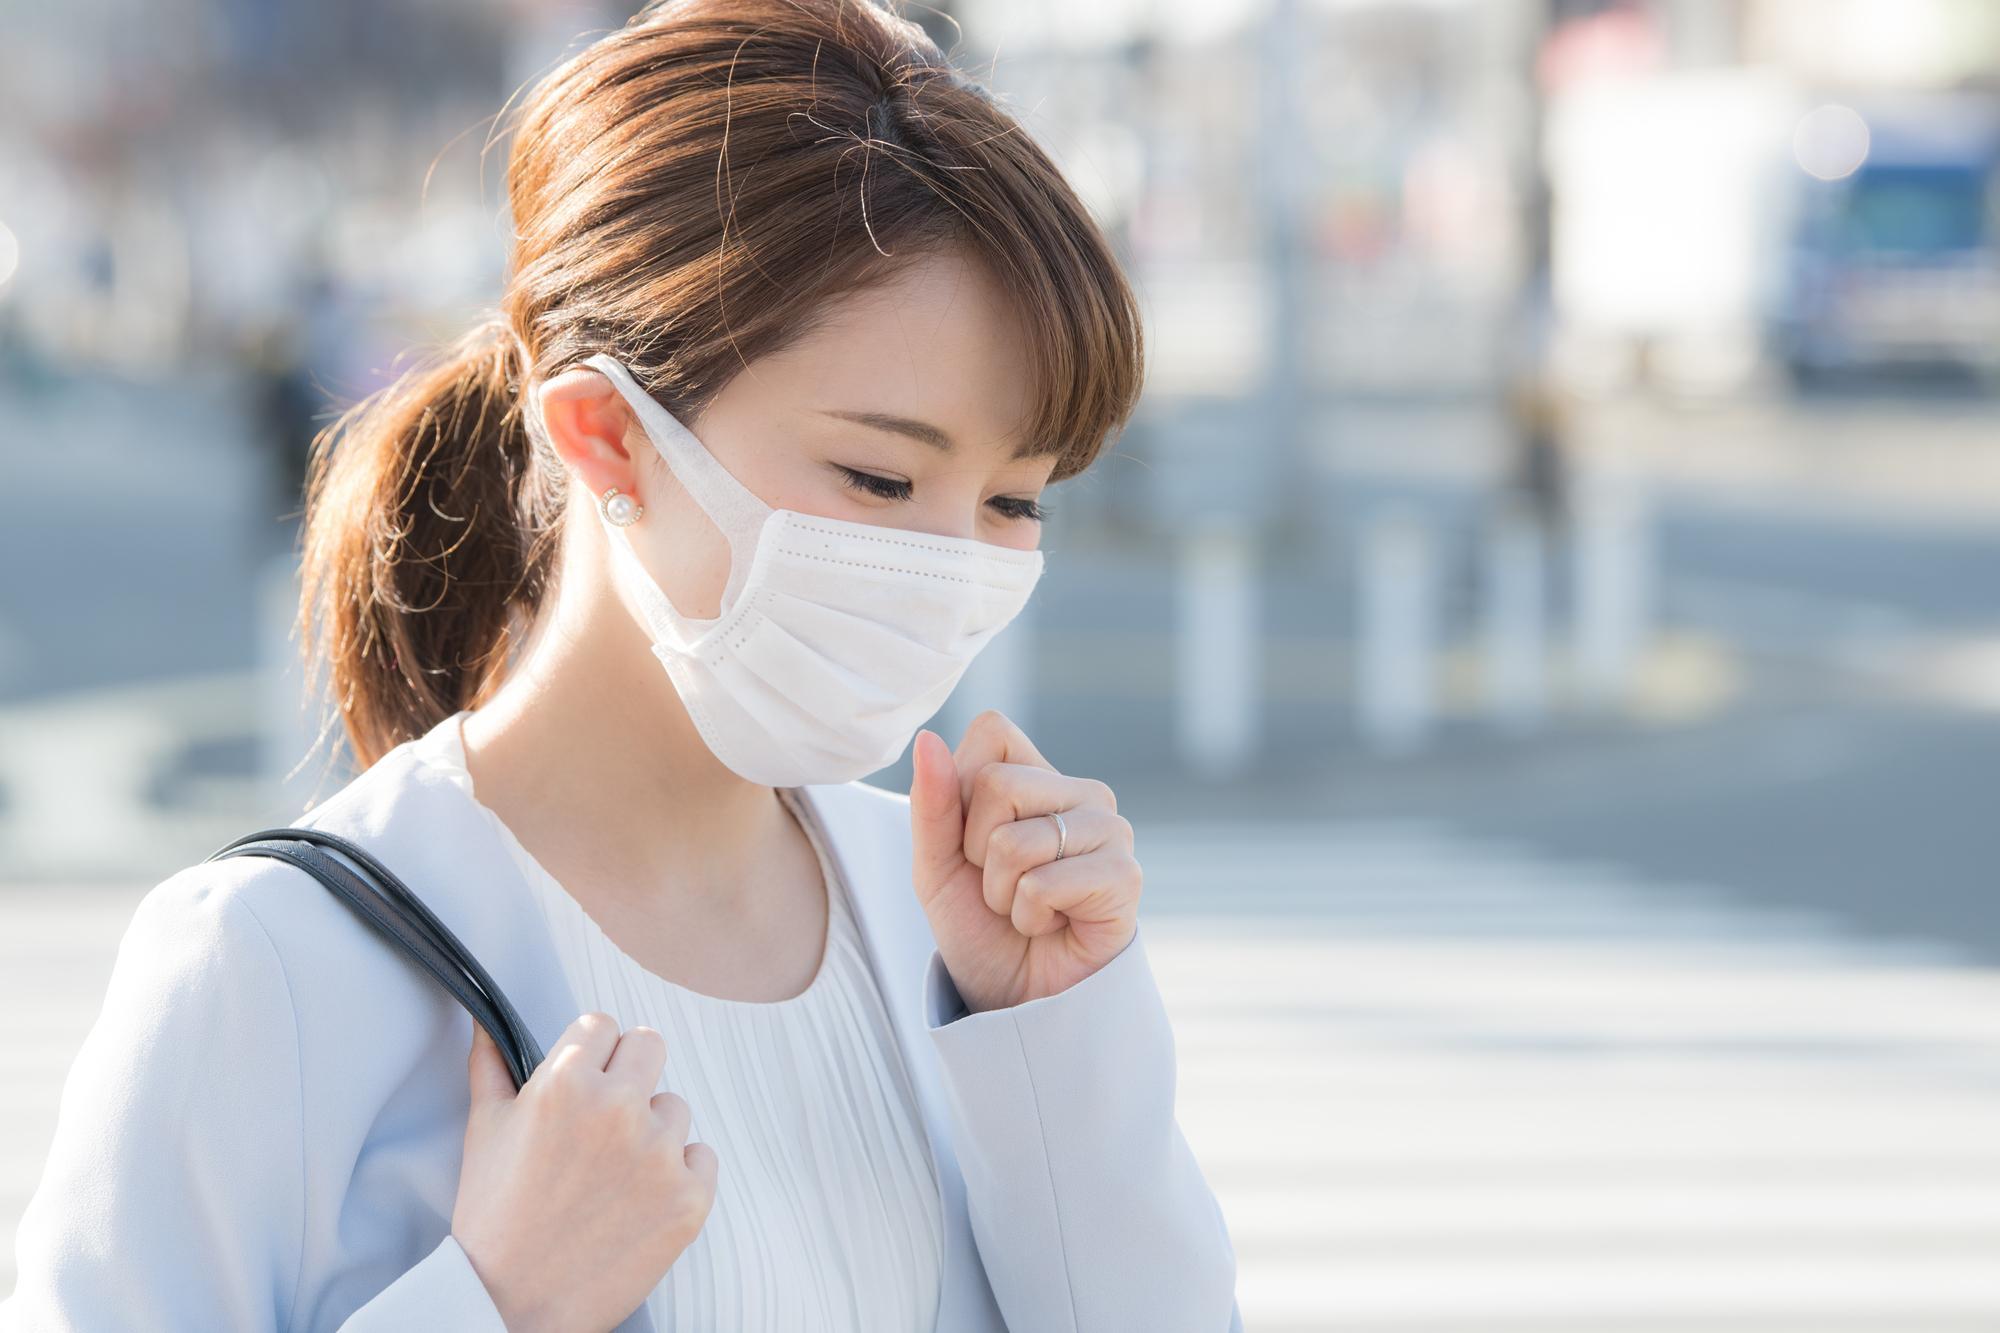 若い人ほど感染しやすいインフルエンザに要注意! 季節性インフルの知識と予防法